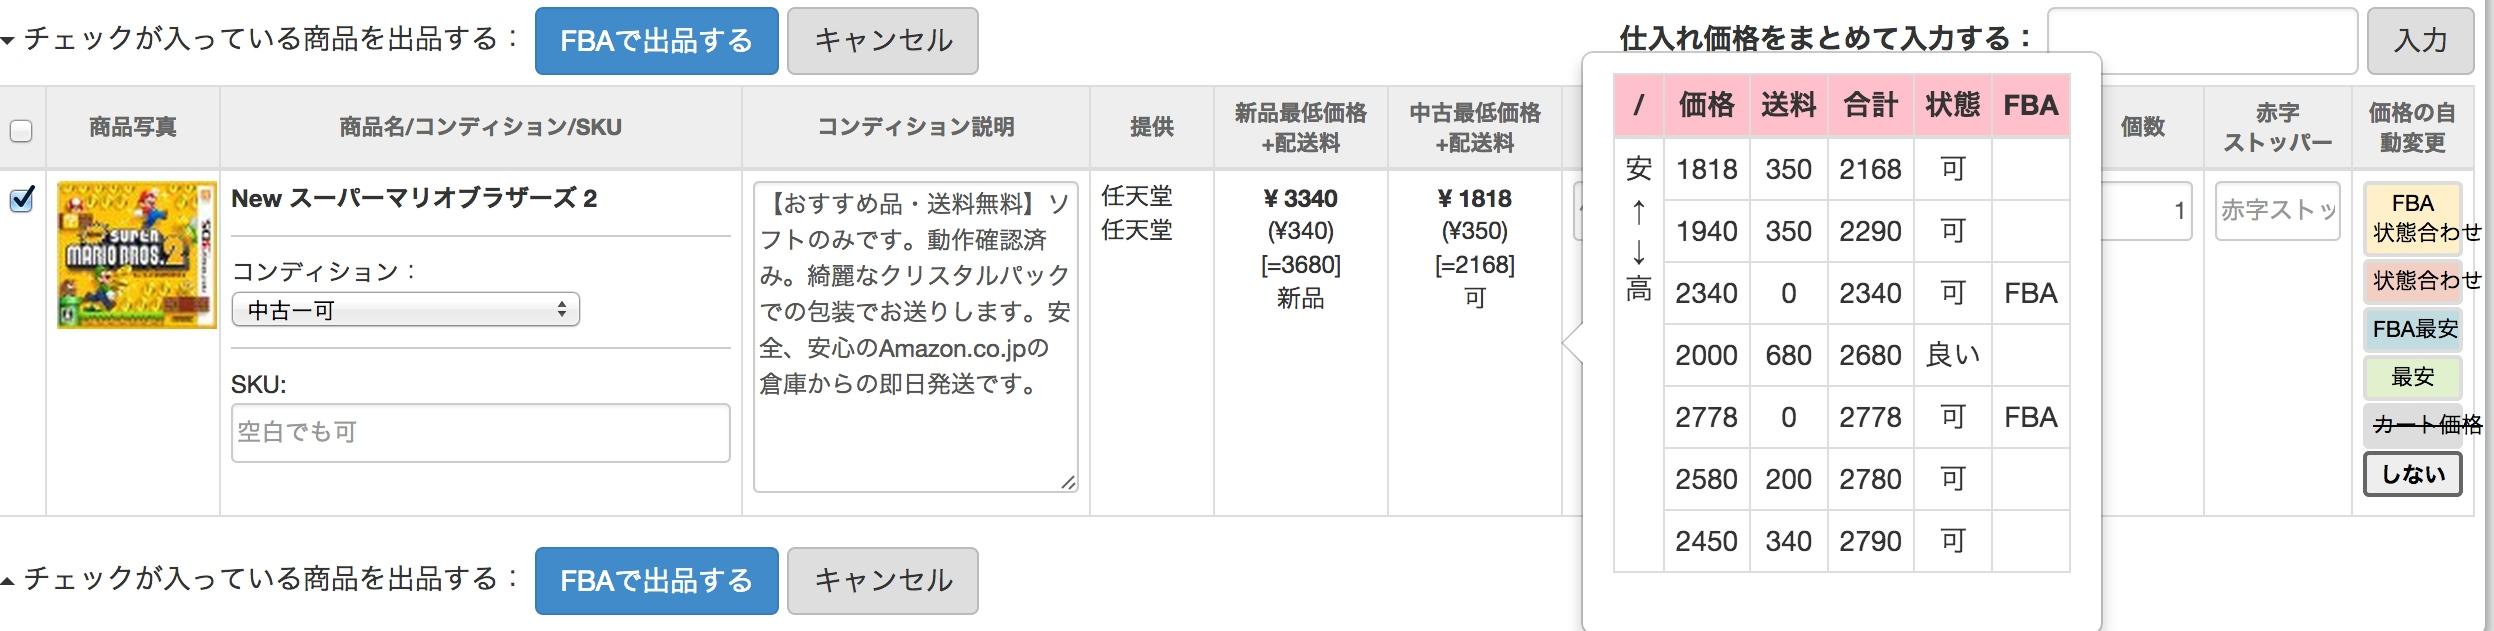 スクリーンショット 2014-10-09 2.11.18